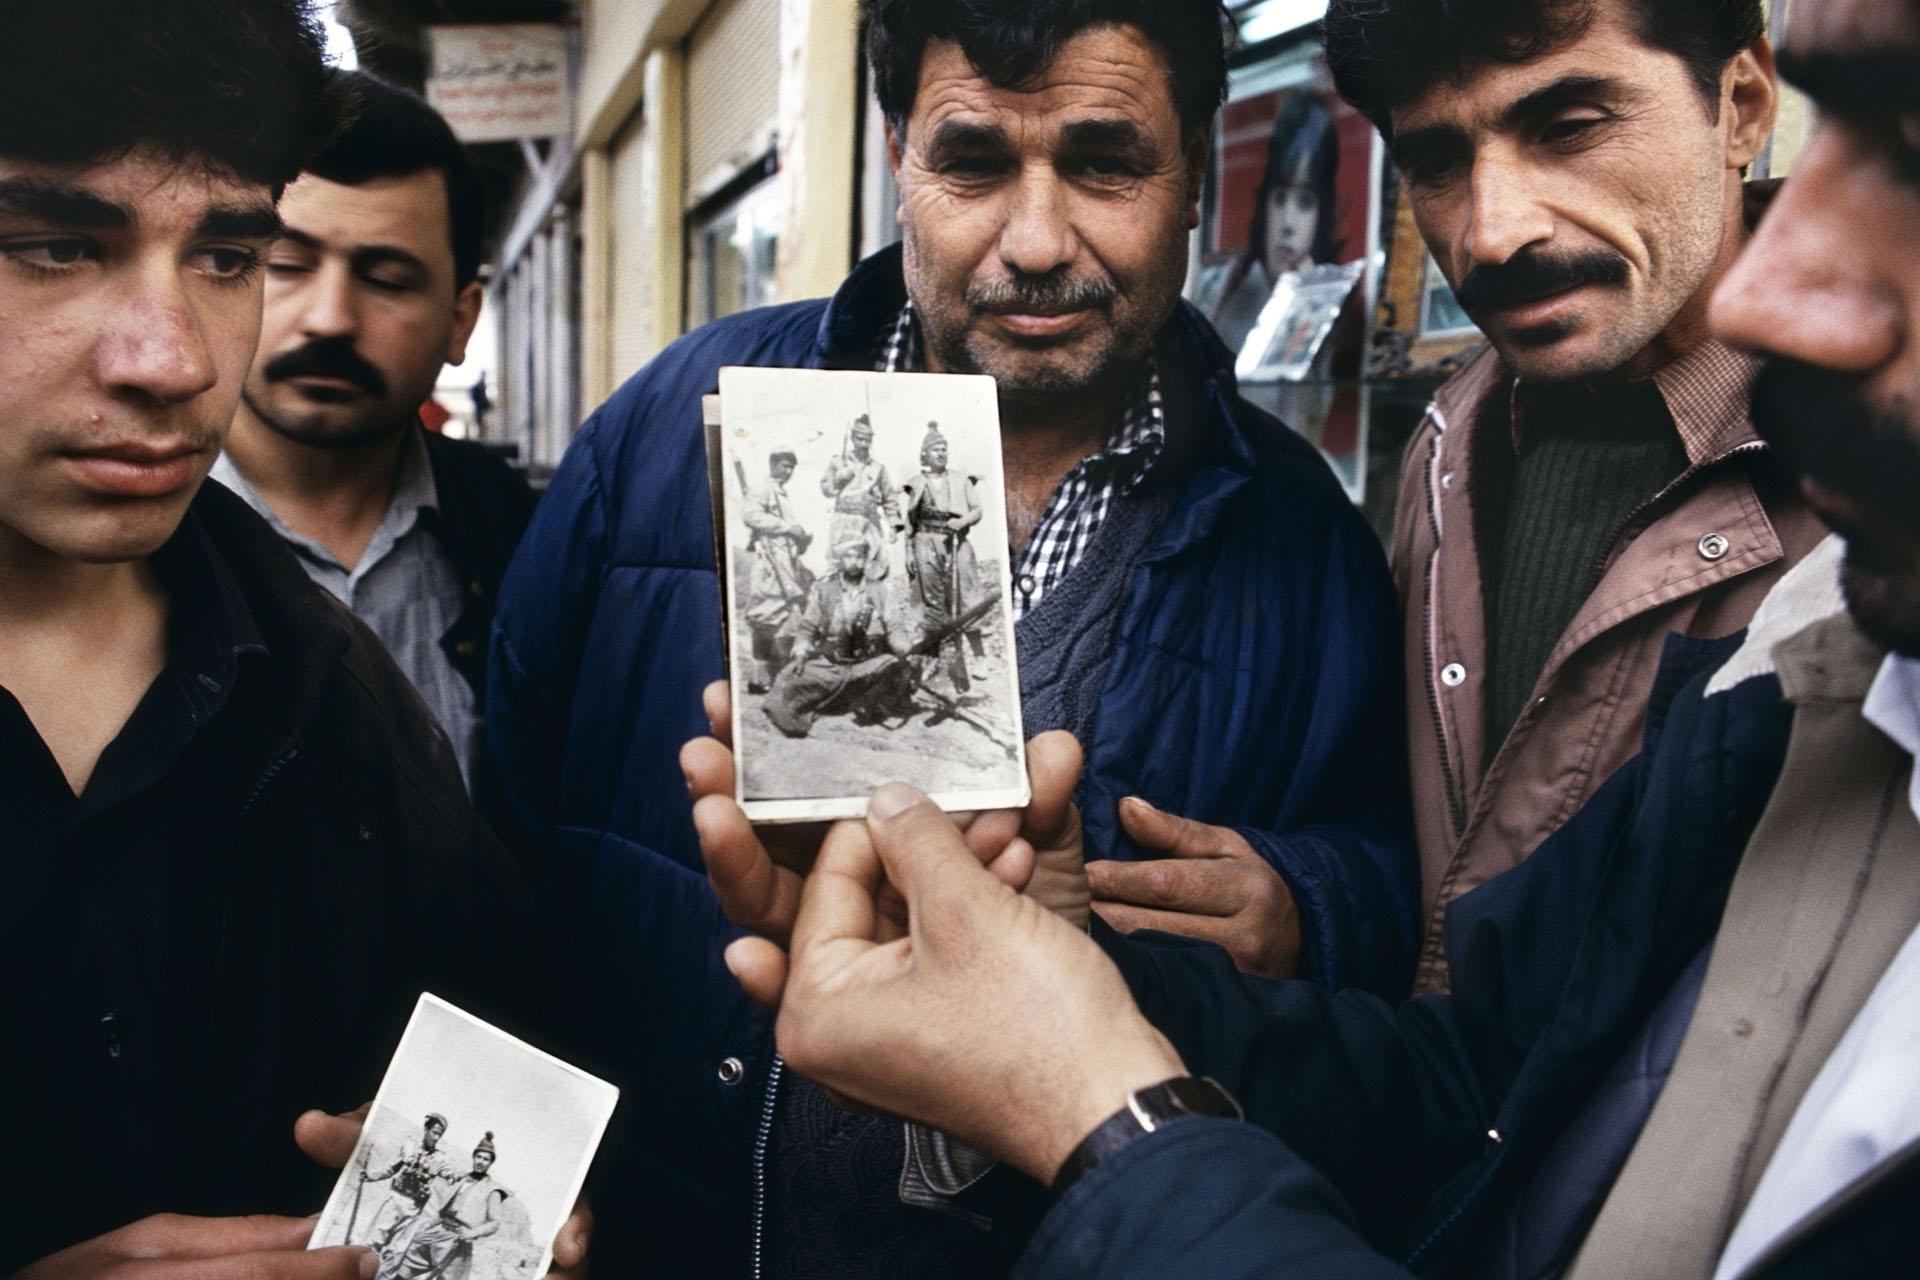 Jamal Keder Osman mostra uma foto que ele carrega de si vestido de soldado peshmerga da rebelião de 1963, Sulaymaniyah, norte do Iraque, 1991. Da série Curdistão. © Susan Meiselas/ Magnum Photos